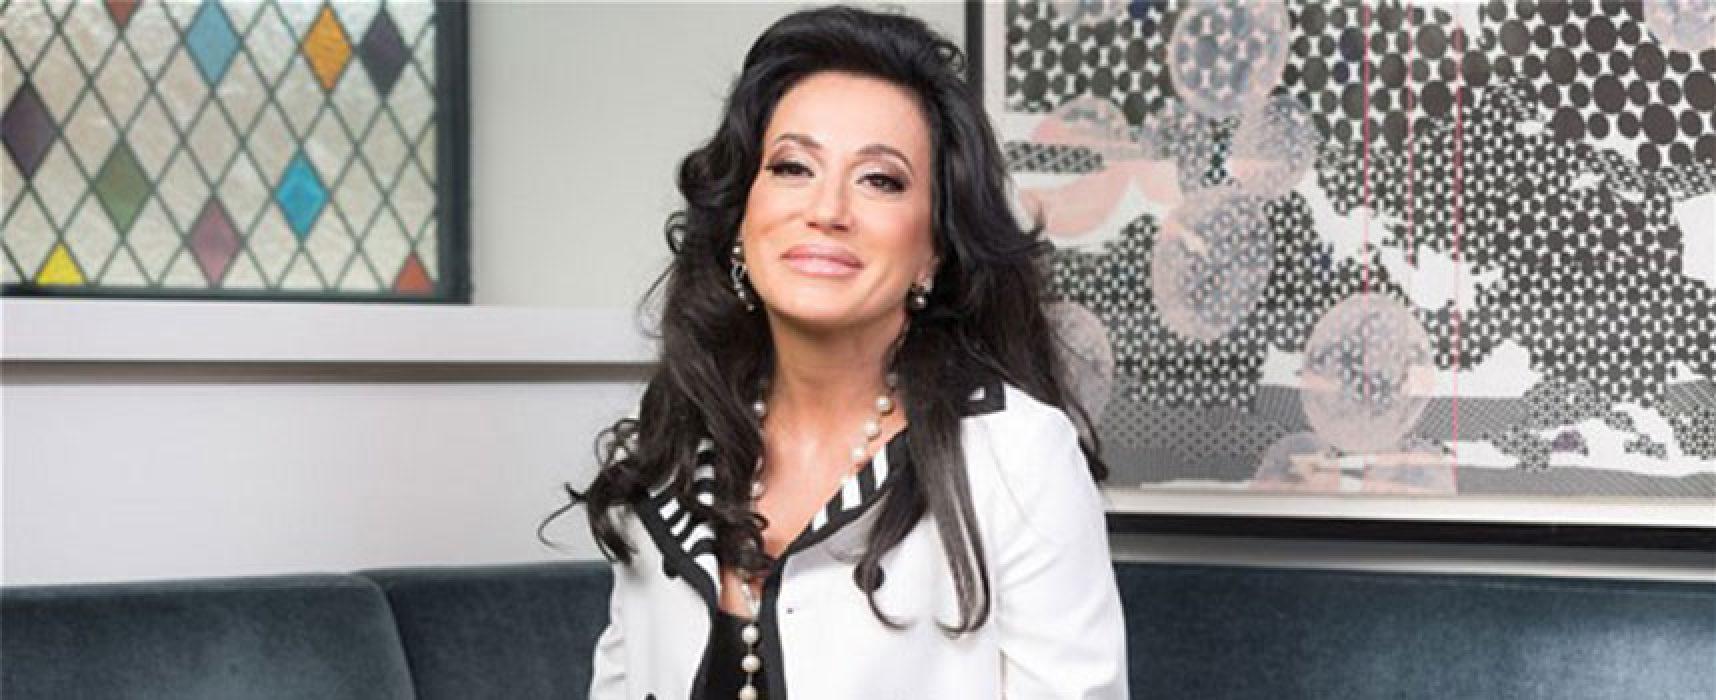 La biscegliese Nancy Dell'Olio nominata ambasciatrice della Puglia nel mondo